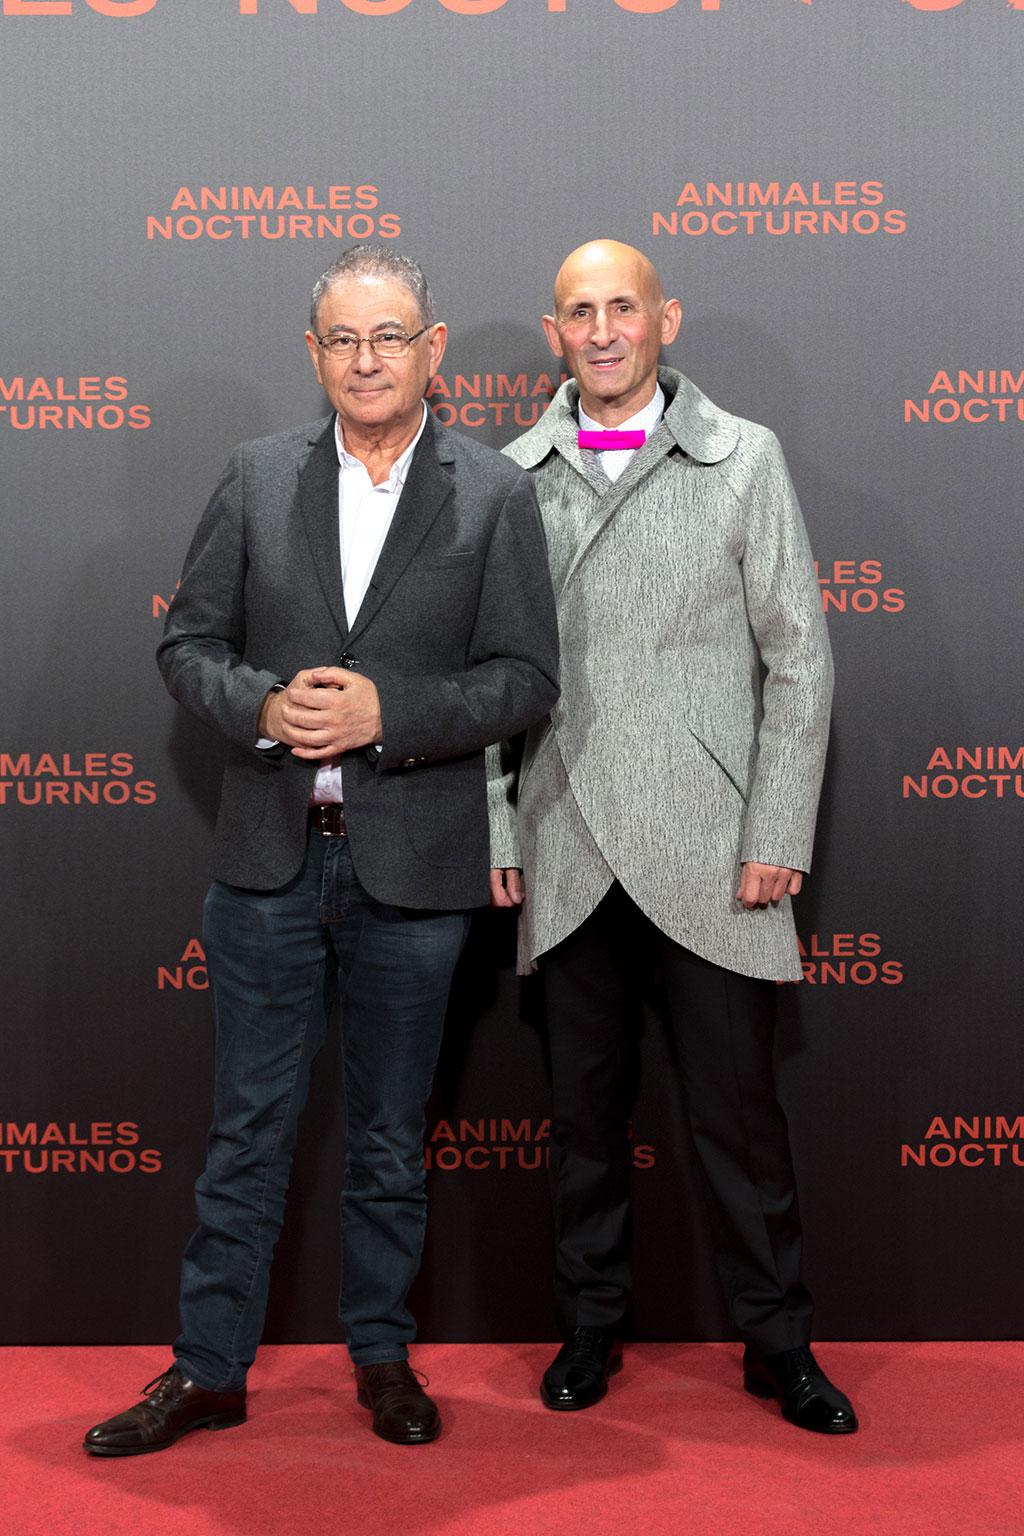 Animales Nocturnos Tom Ford Risbel Magazine